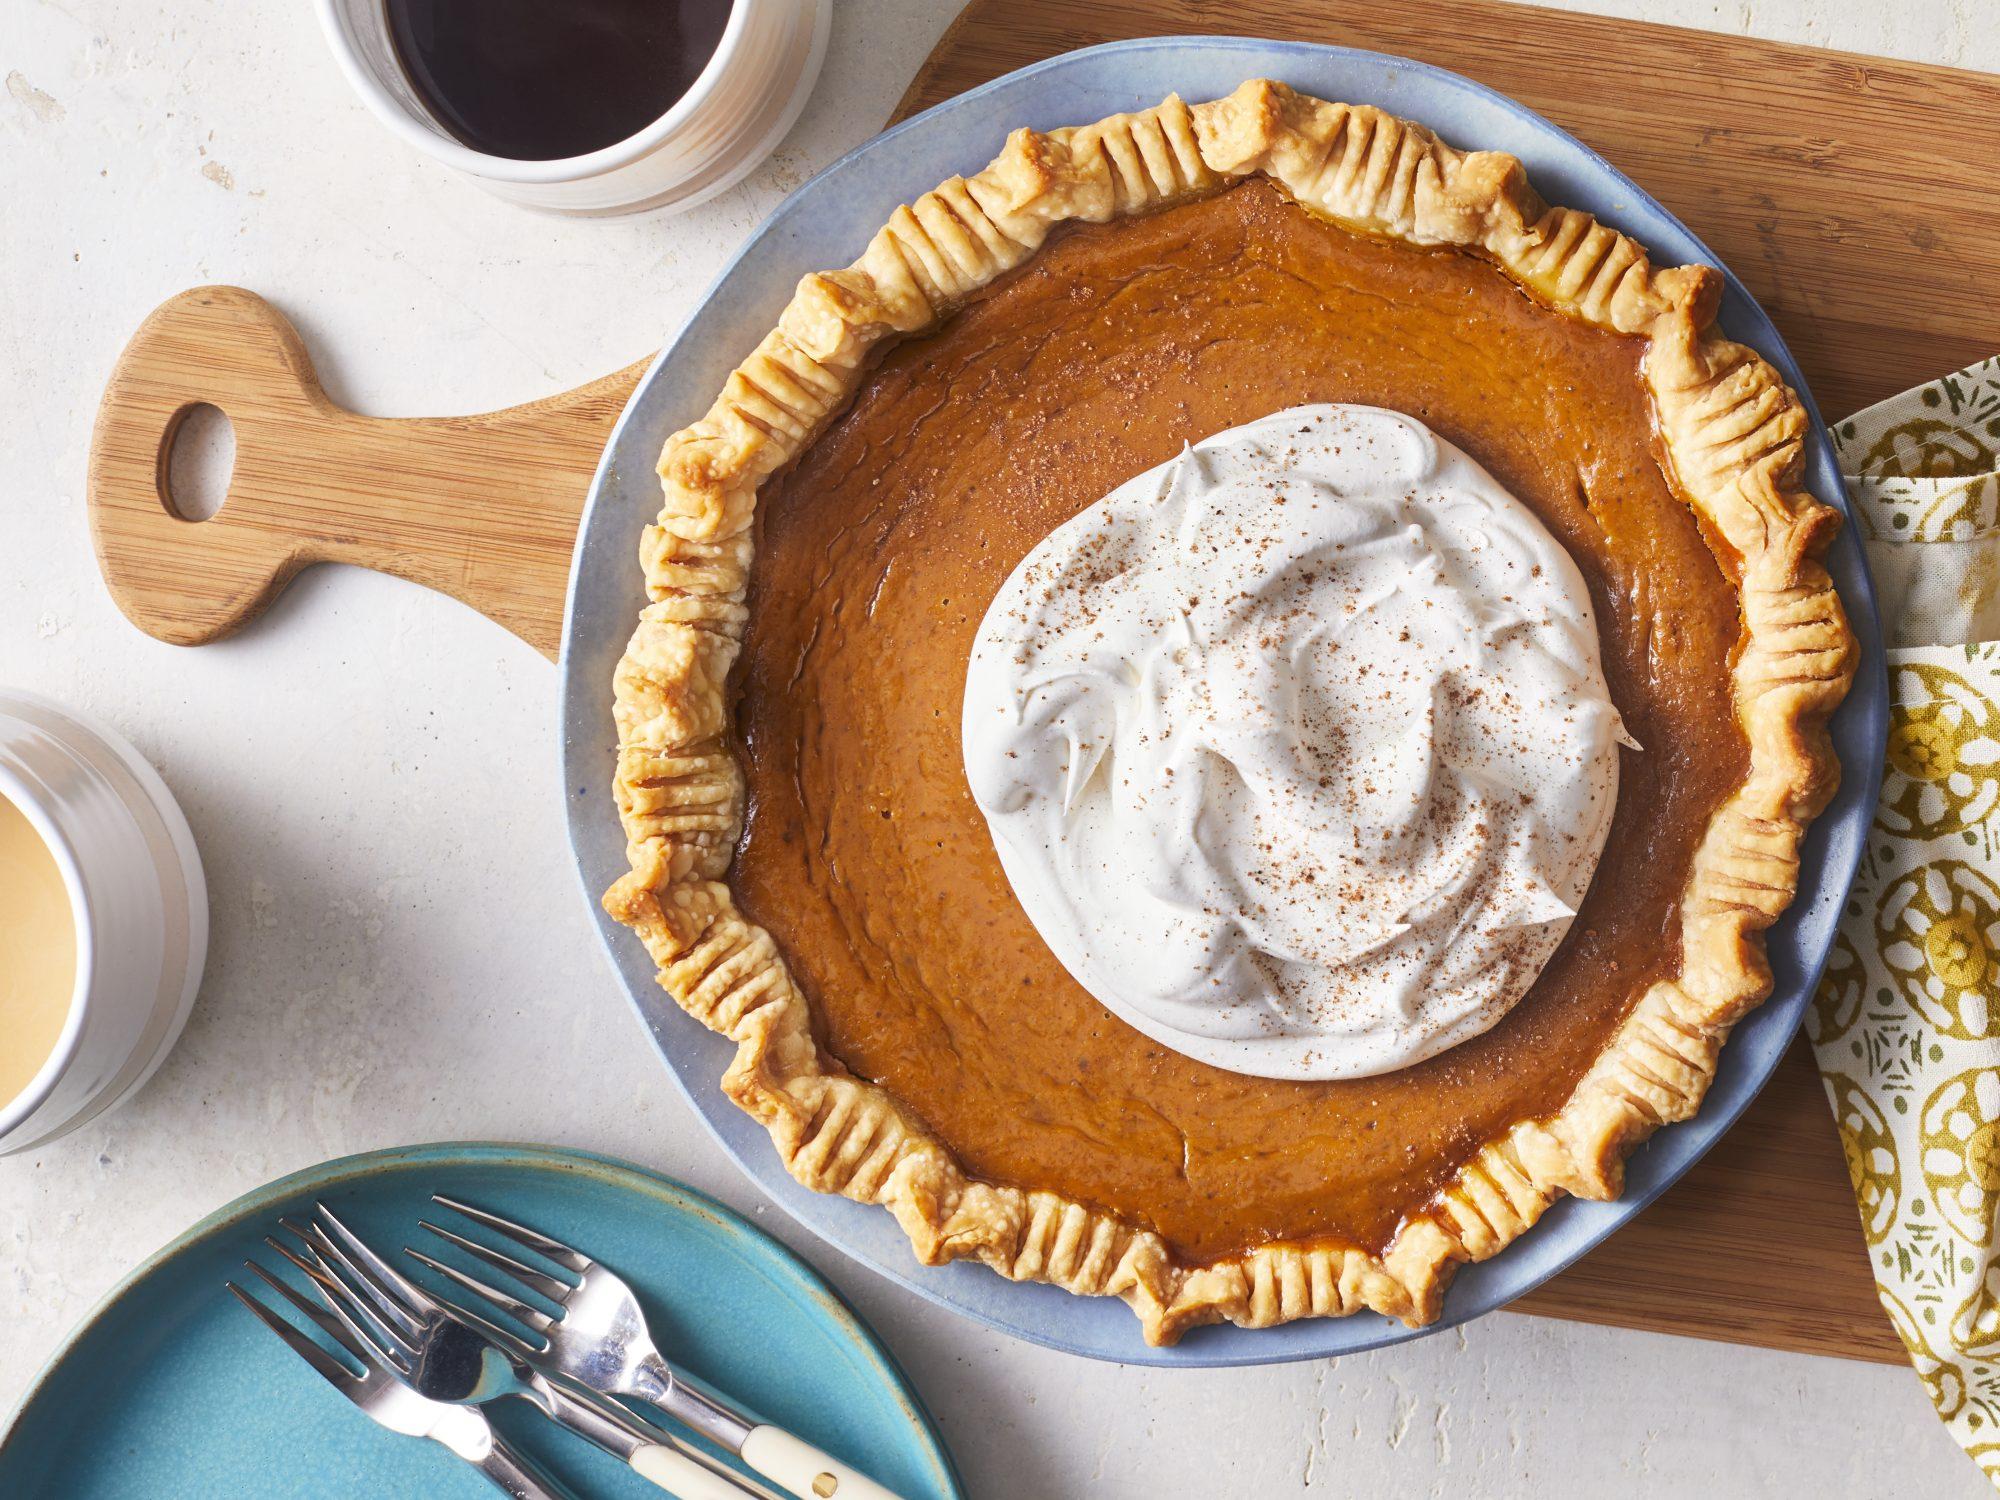 mr-pumpkin pie image update